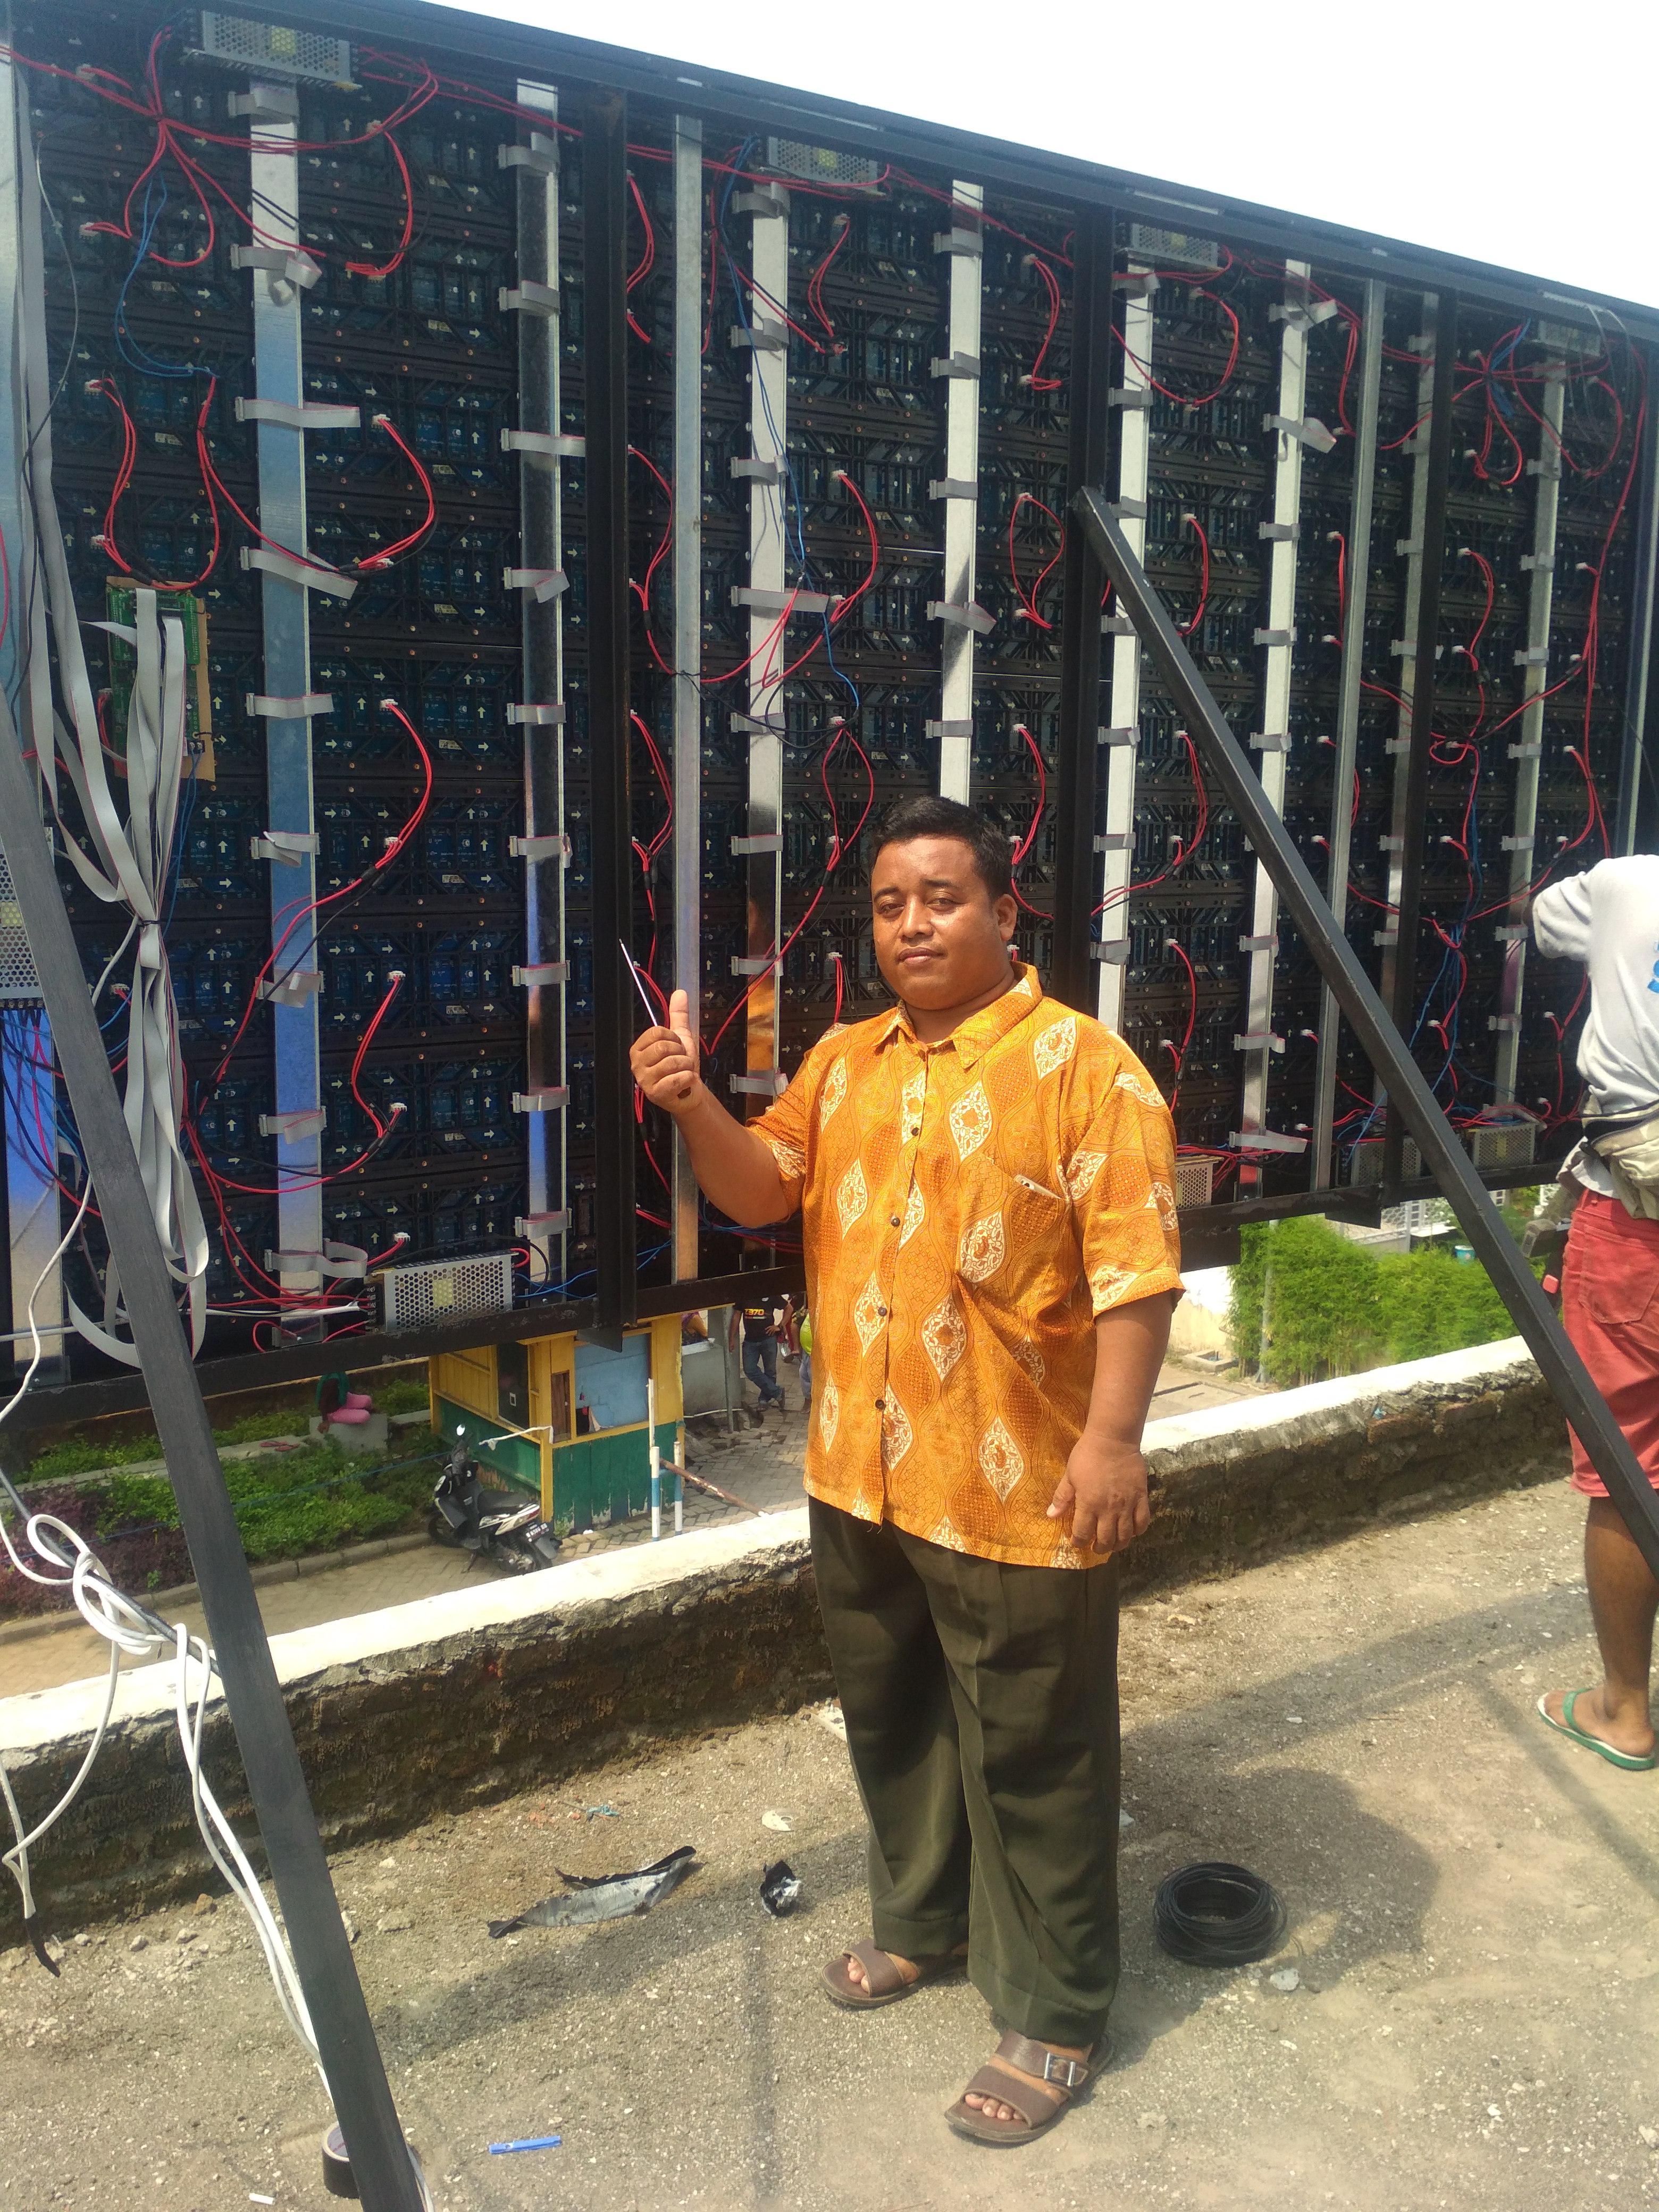 Jual videotron indonesia